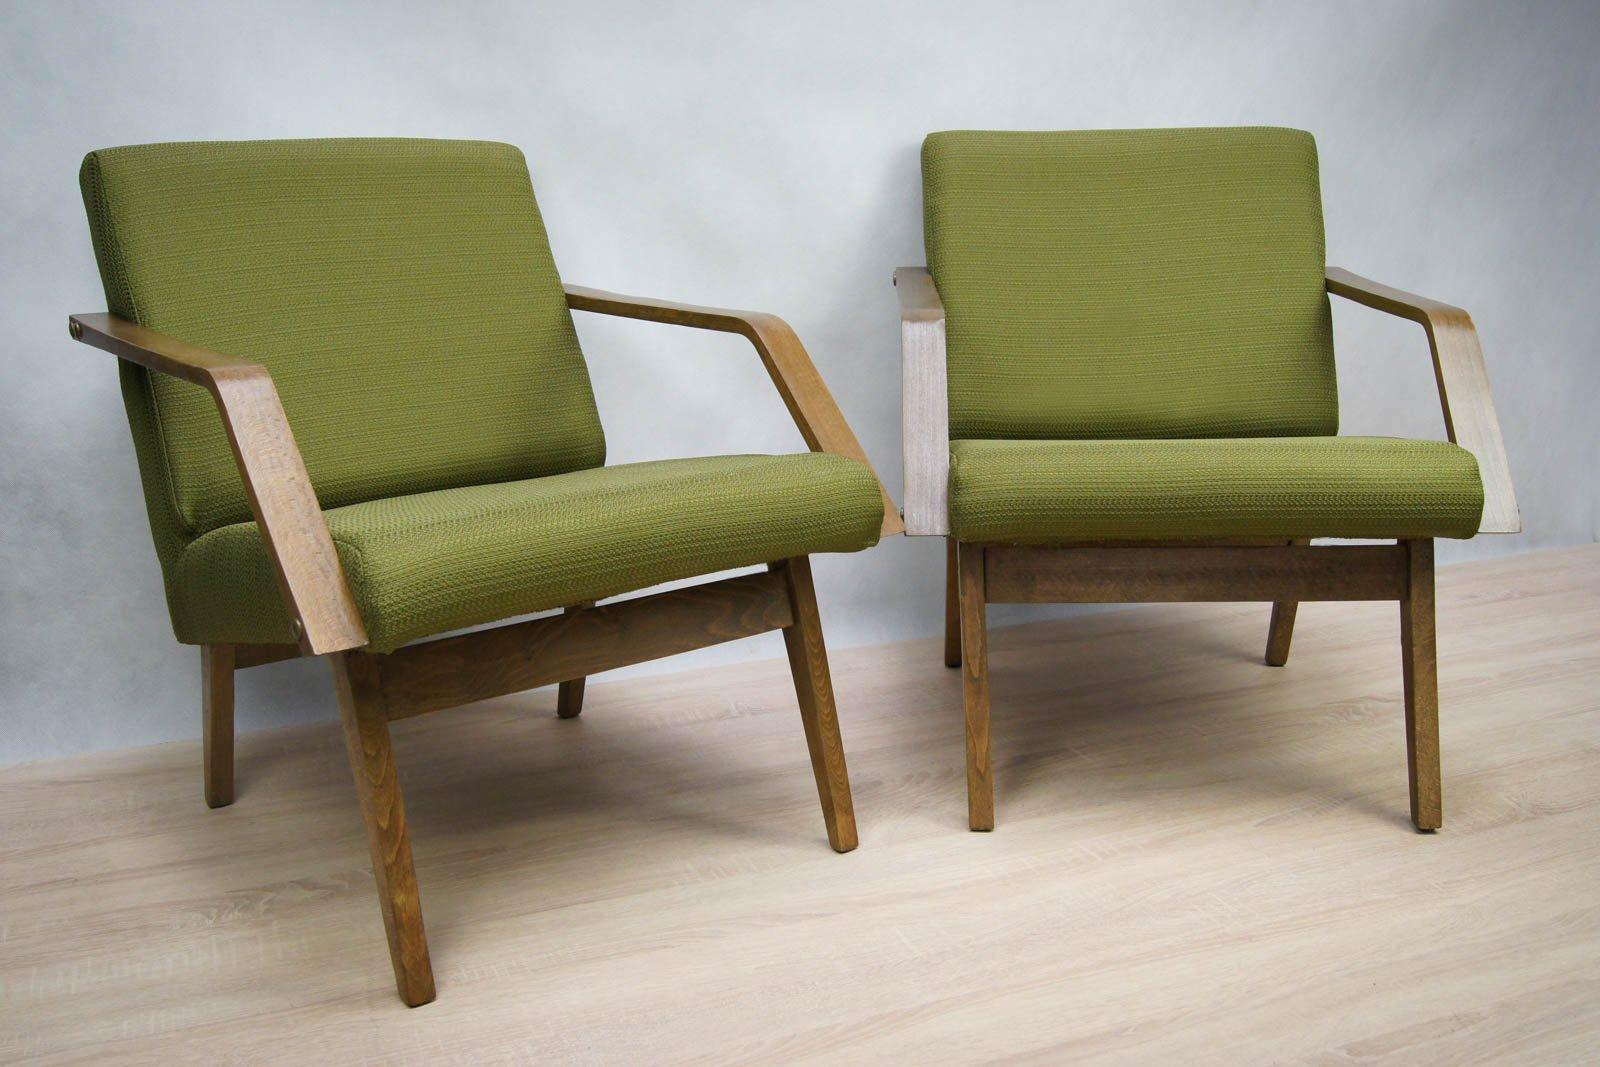 moderne sessel 1970er 2er set bei pamono kaufen. Black Bedroom Furniture Sets. Home Design Ideas